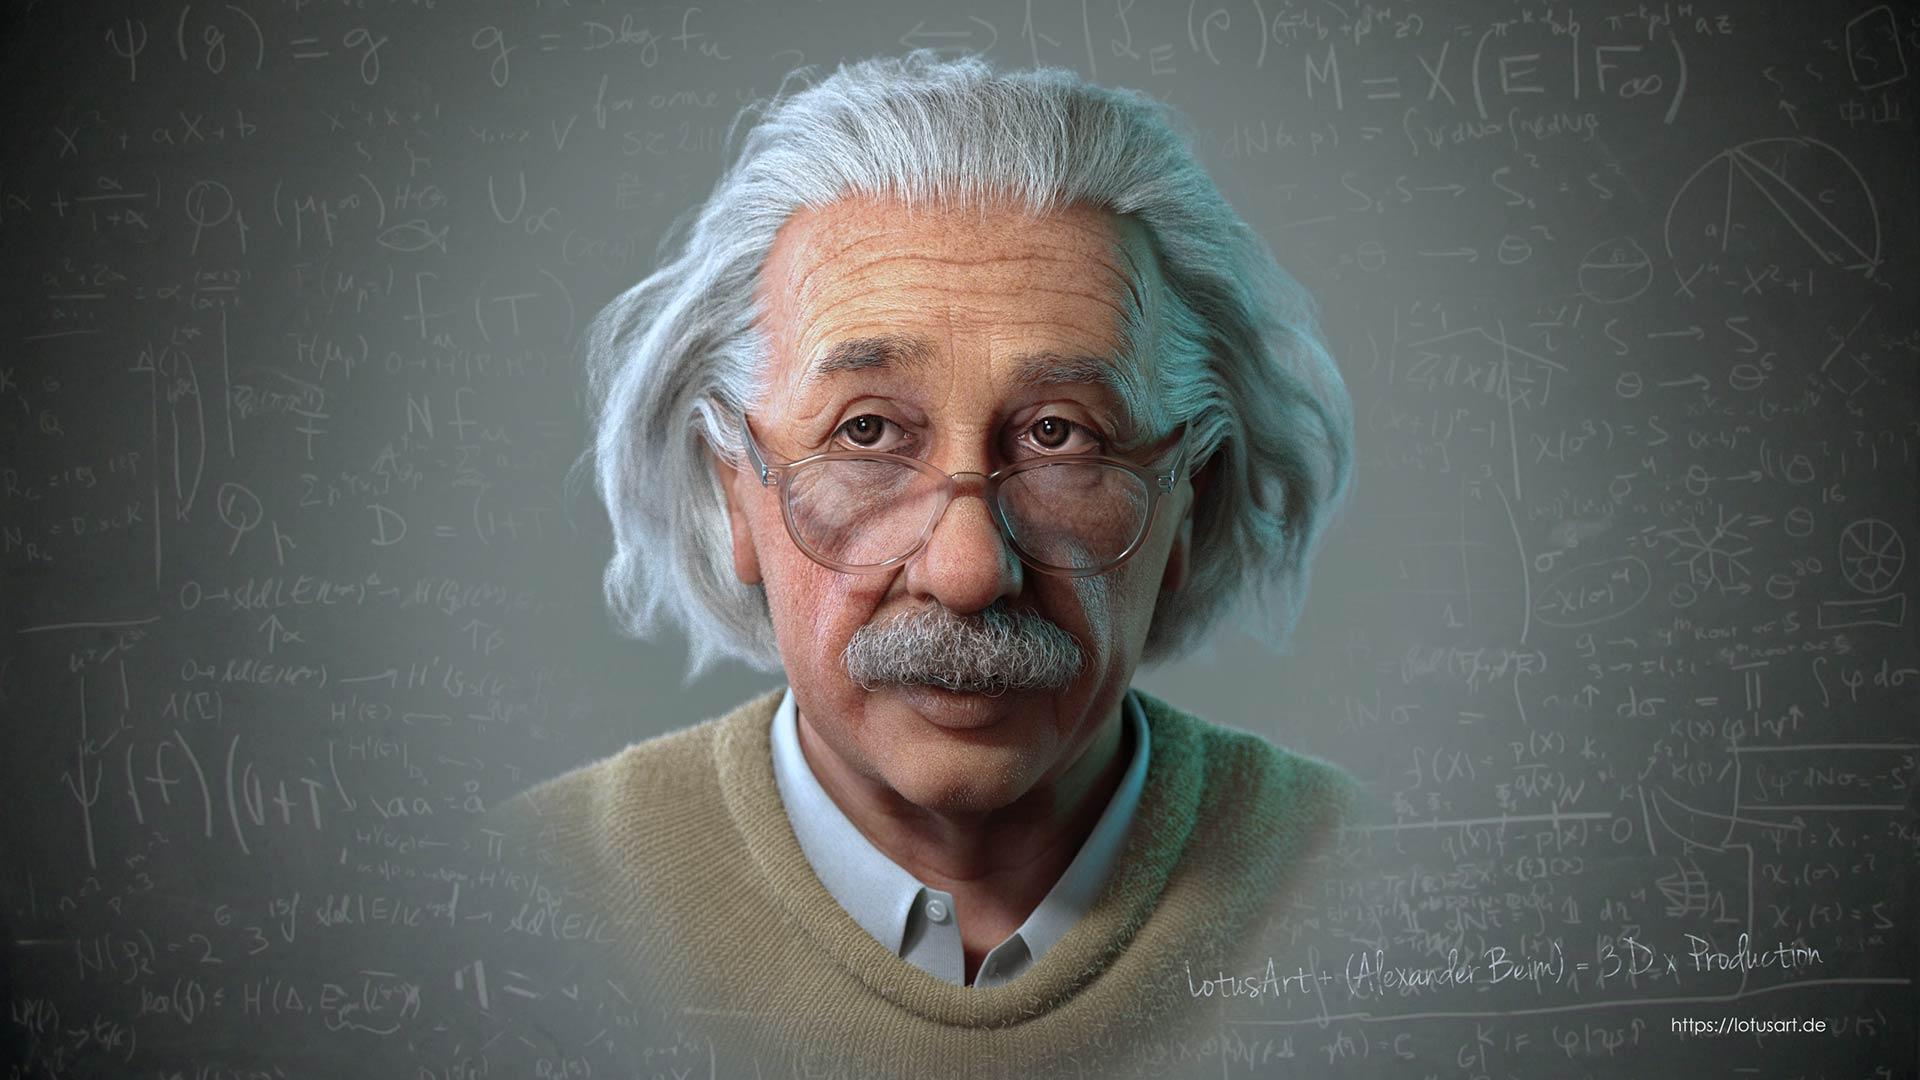 albert_einstein_portrait_picture_poster_bild_rendering_skin_sss_xgen Albert Einstein 3D Porträt für ein Hologram